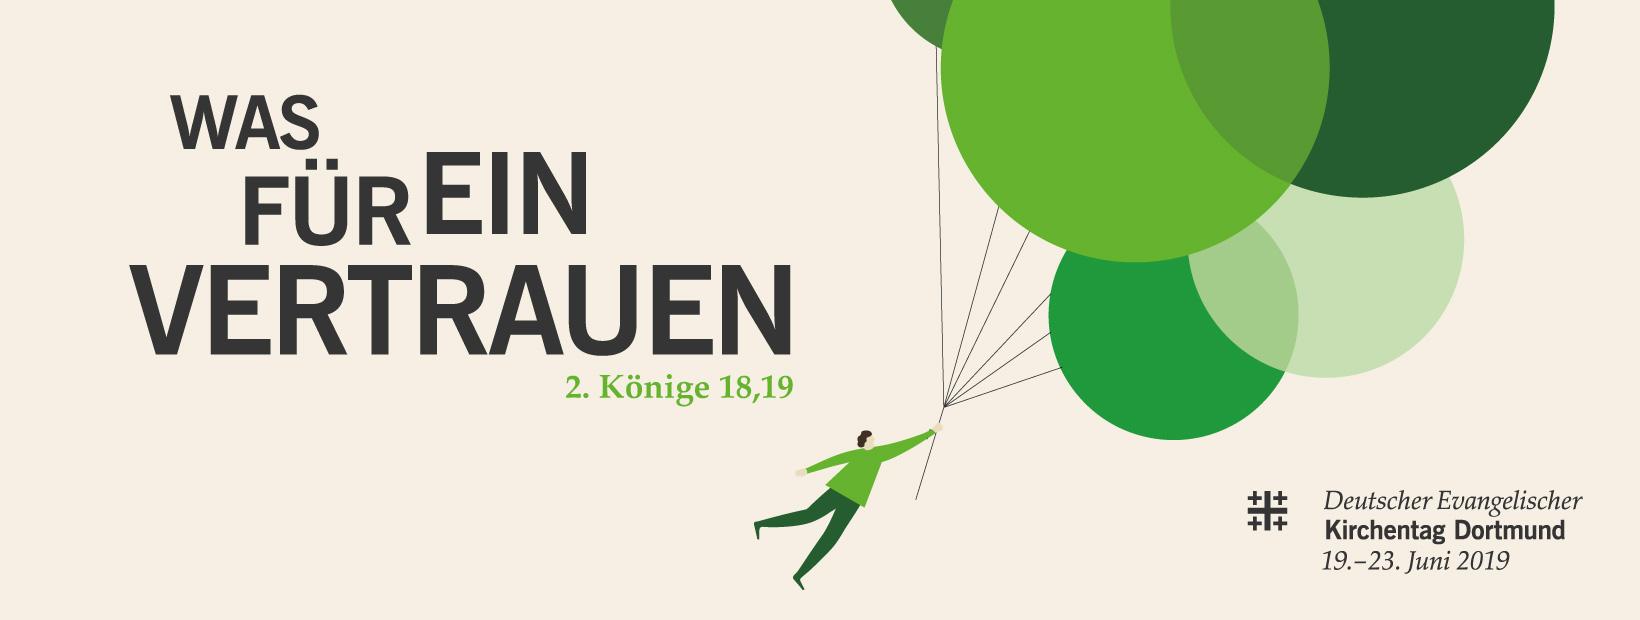 Was für ein Vertrauen _ Motto des Kirchentages, Grafik eines fliegenden Menschen, der sich an einem Seil festhält, das mit 3 großen grünen fliegenden Ballons befestigt ist.